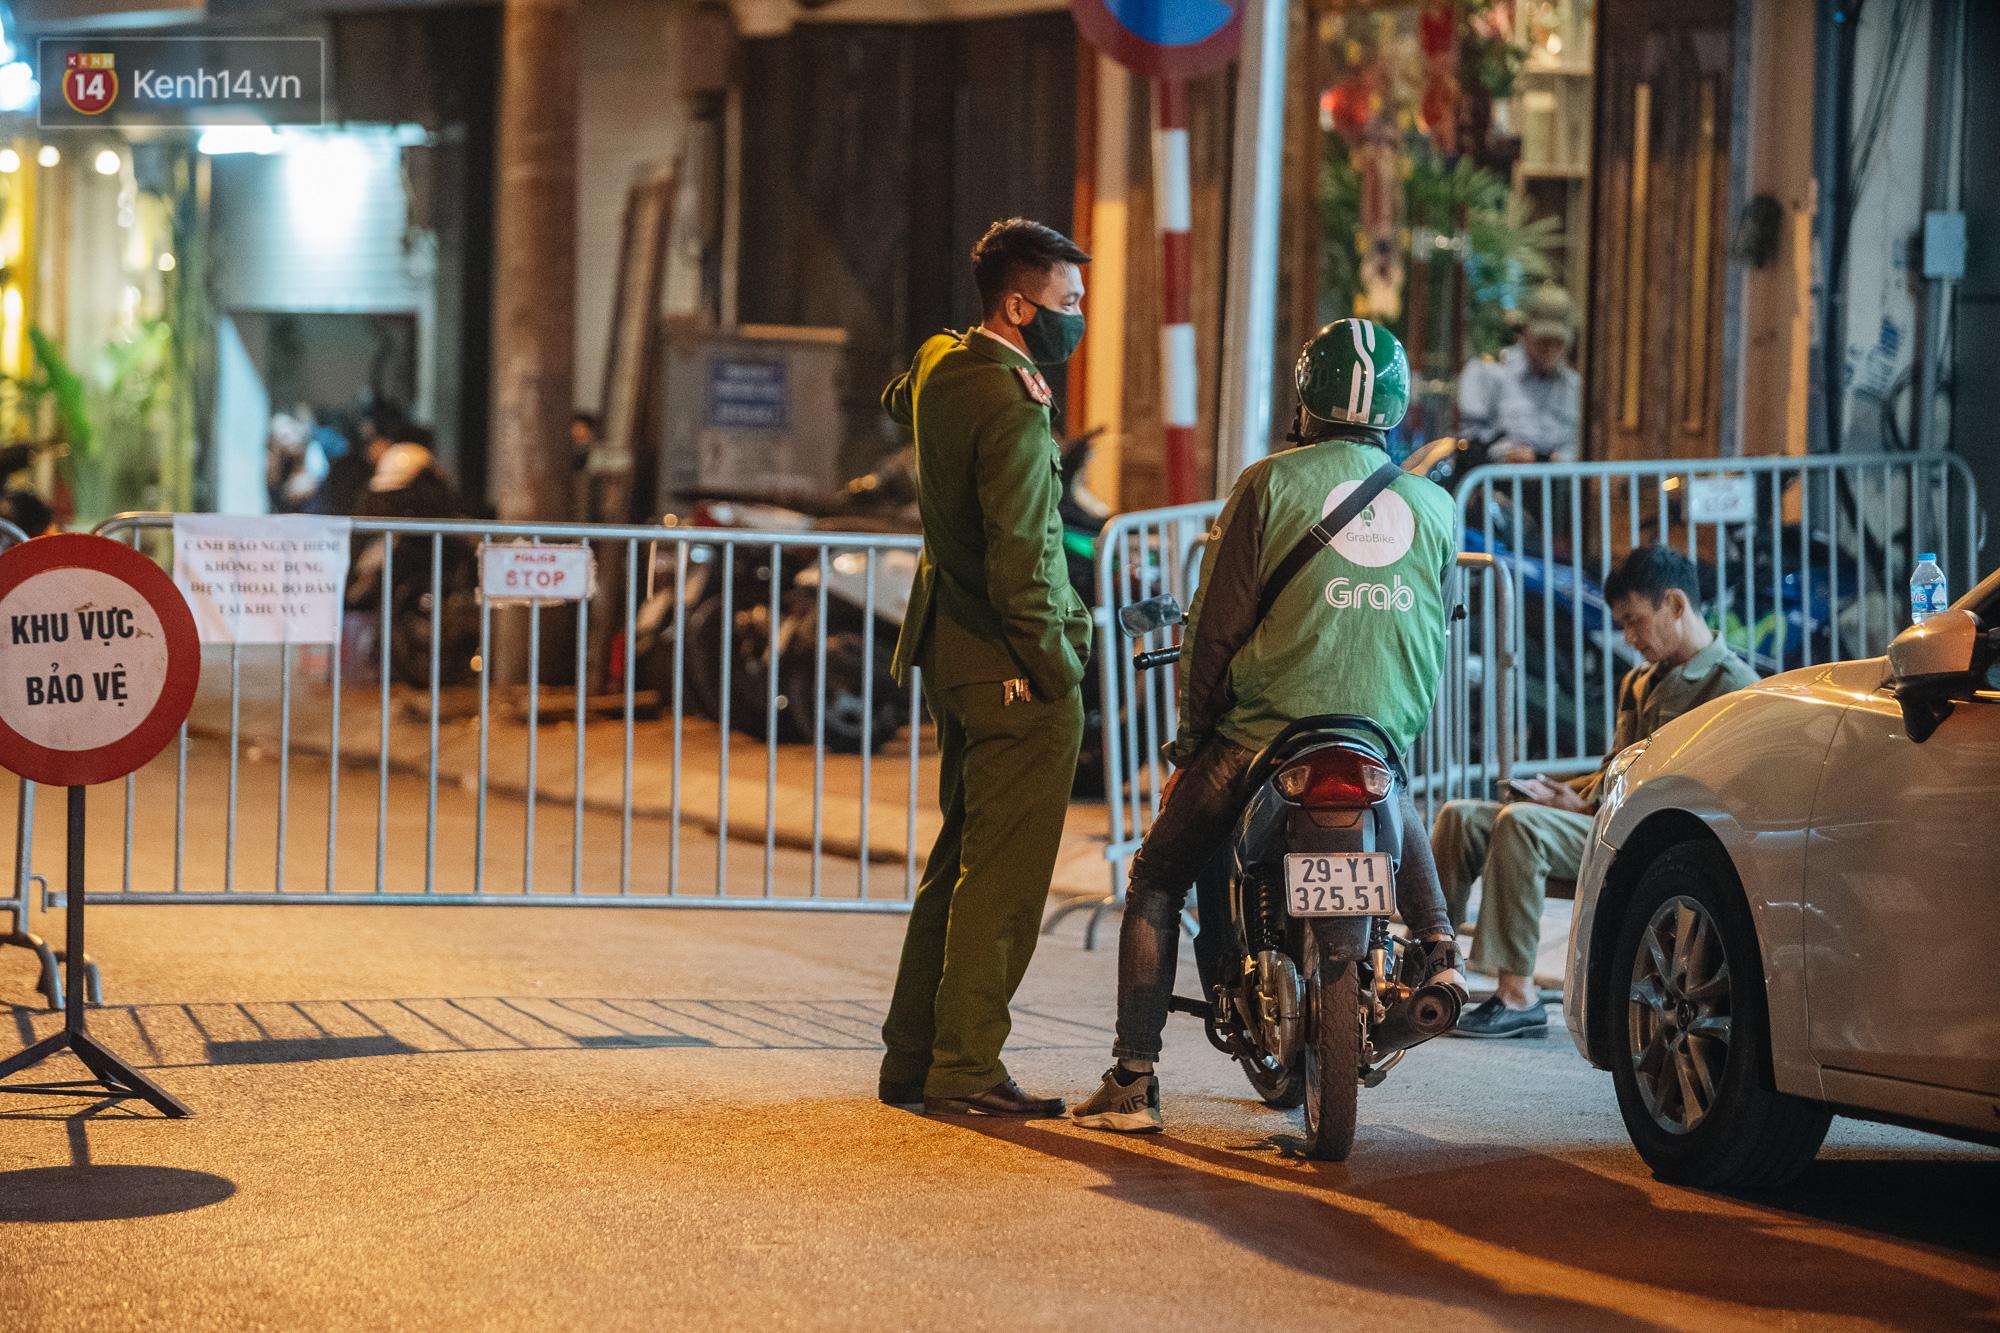 Ảnh: Cận cảnh khu vực phong tỏa nơi phát hiện và di dời thành công quả bom 340kg ở Hà Nội, người dân đã sơ tán trong đêm - Ảnh 5.